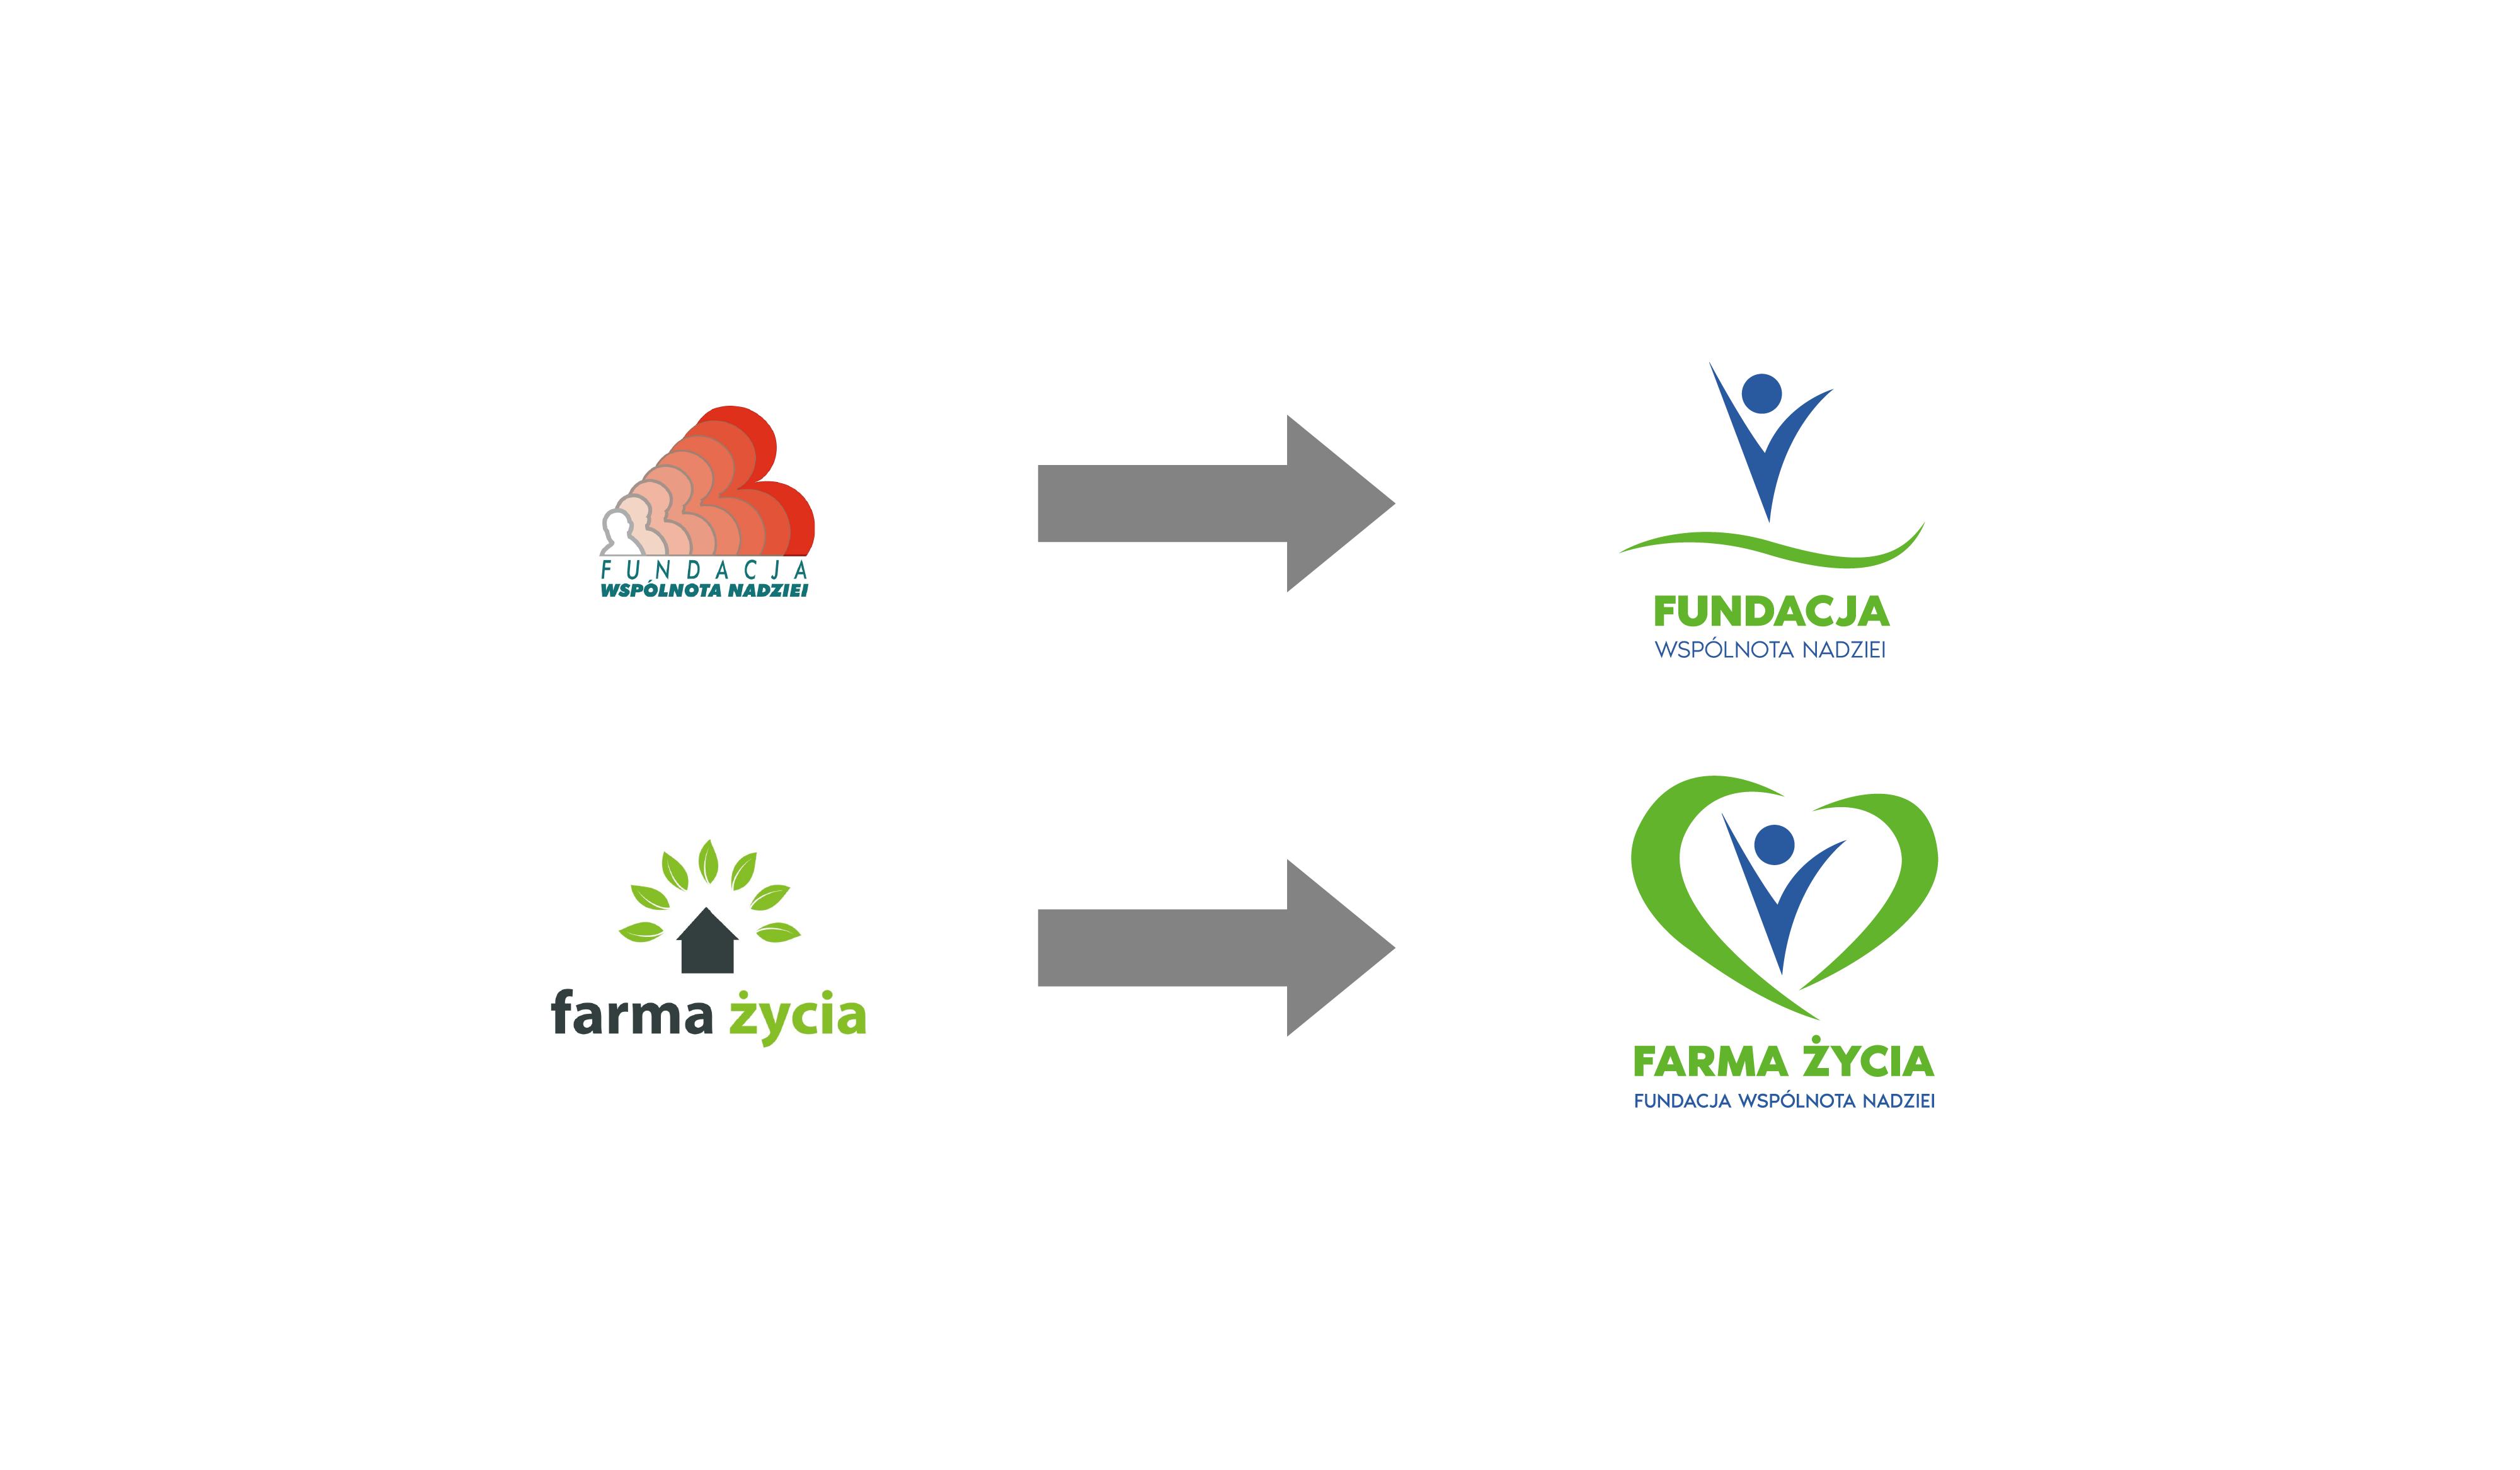 Nowa odsłona Fundacji Wspólnota Nadziei oraz Farmy Życia